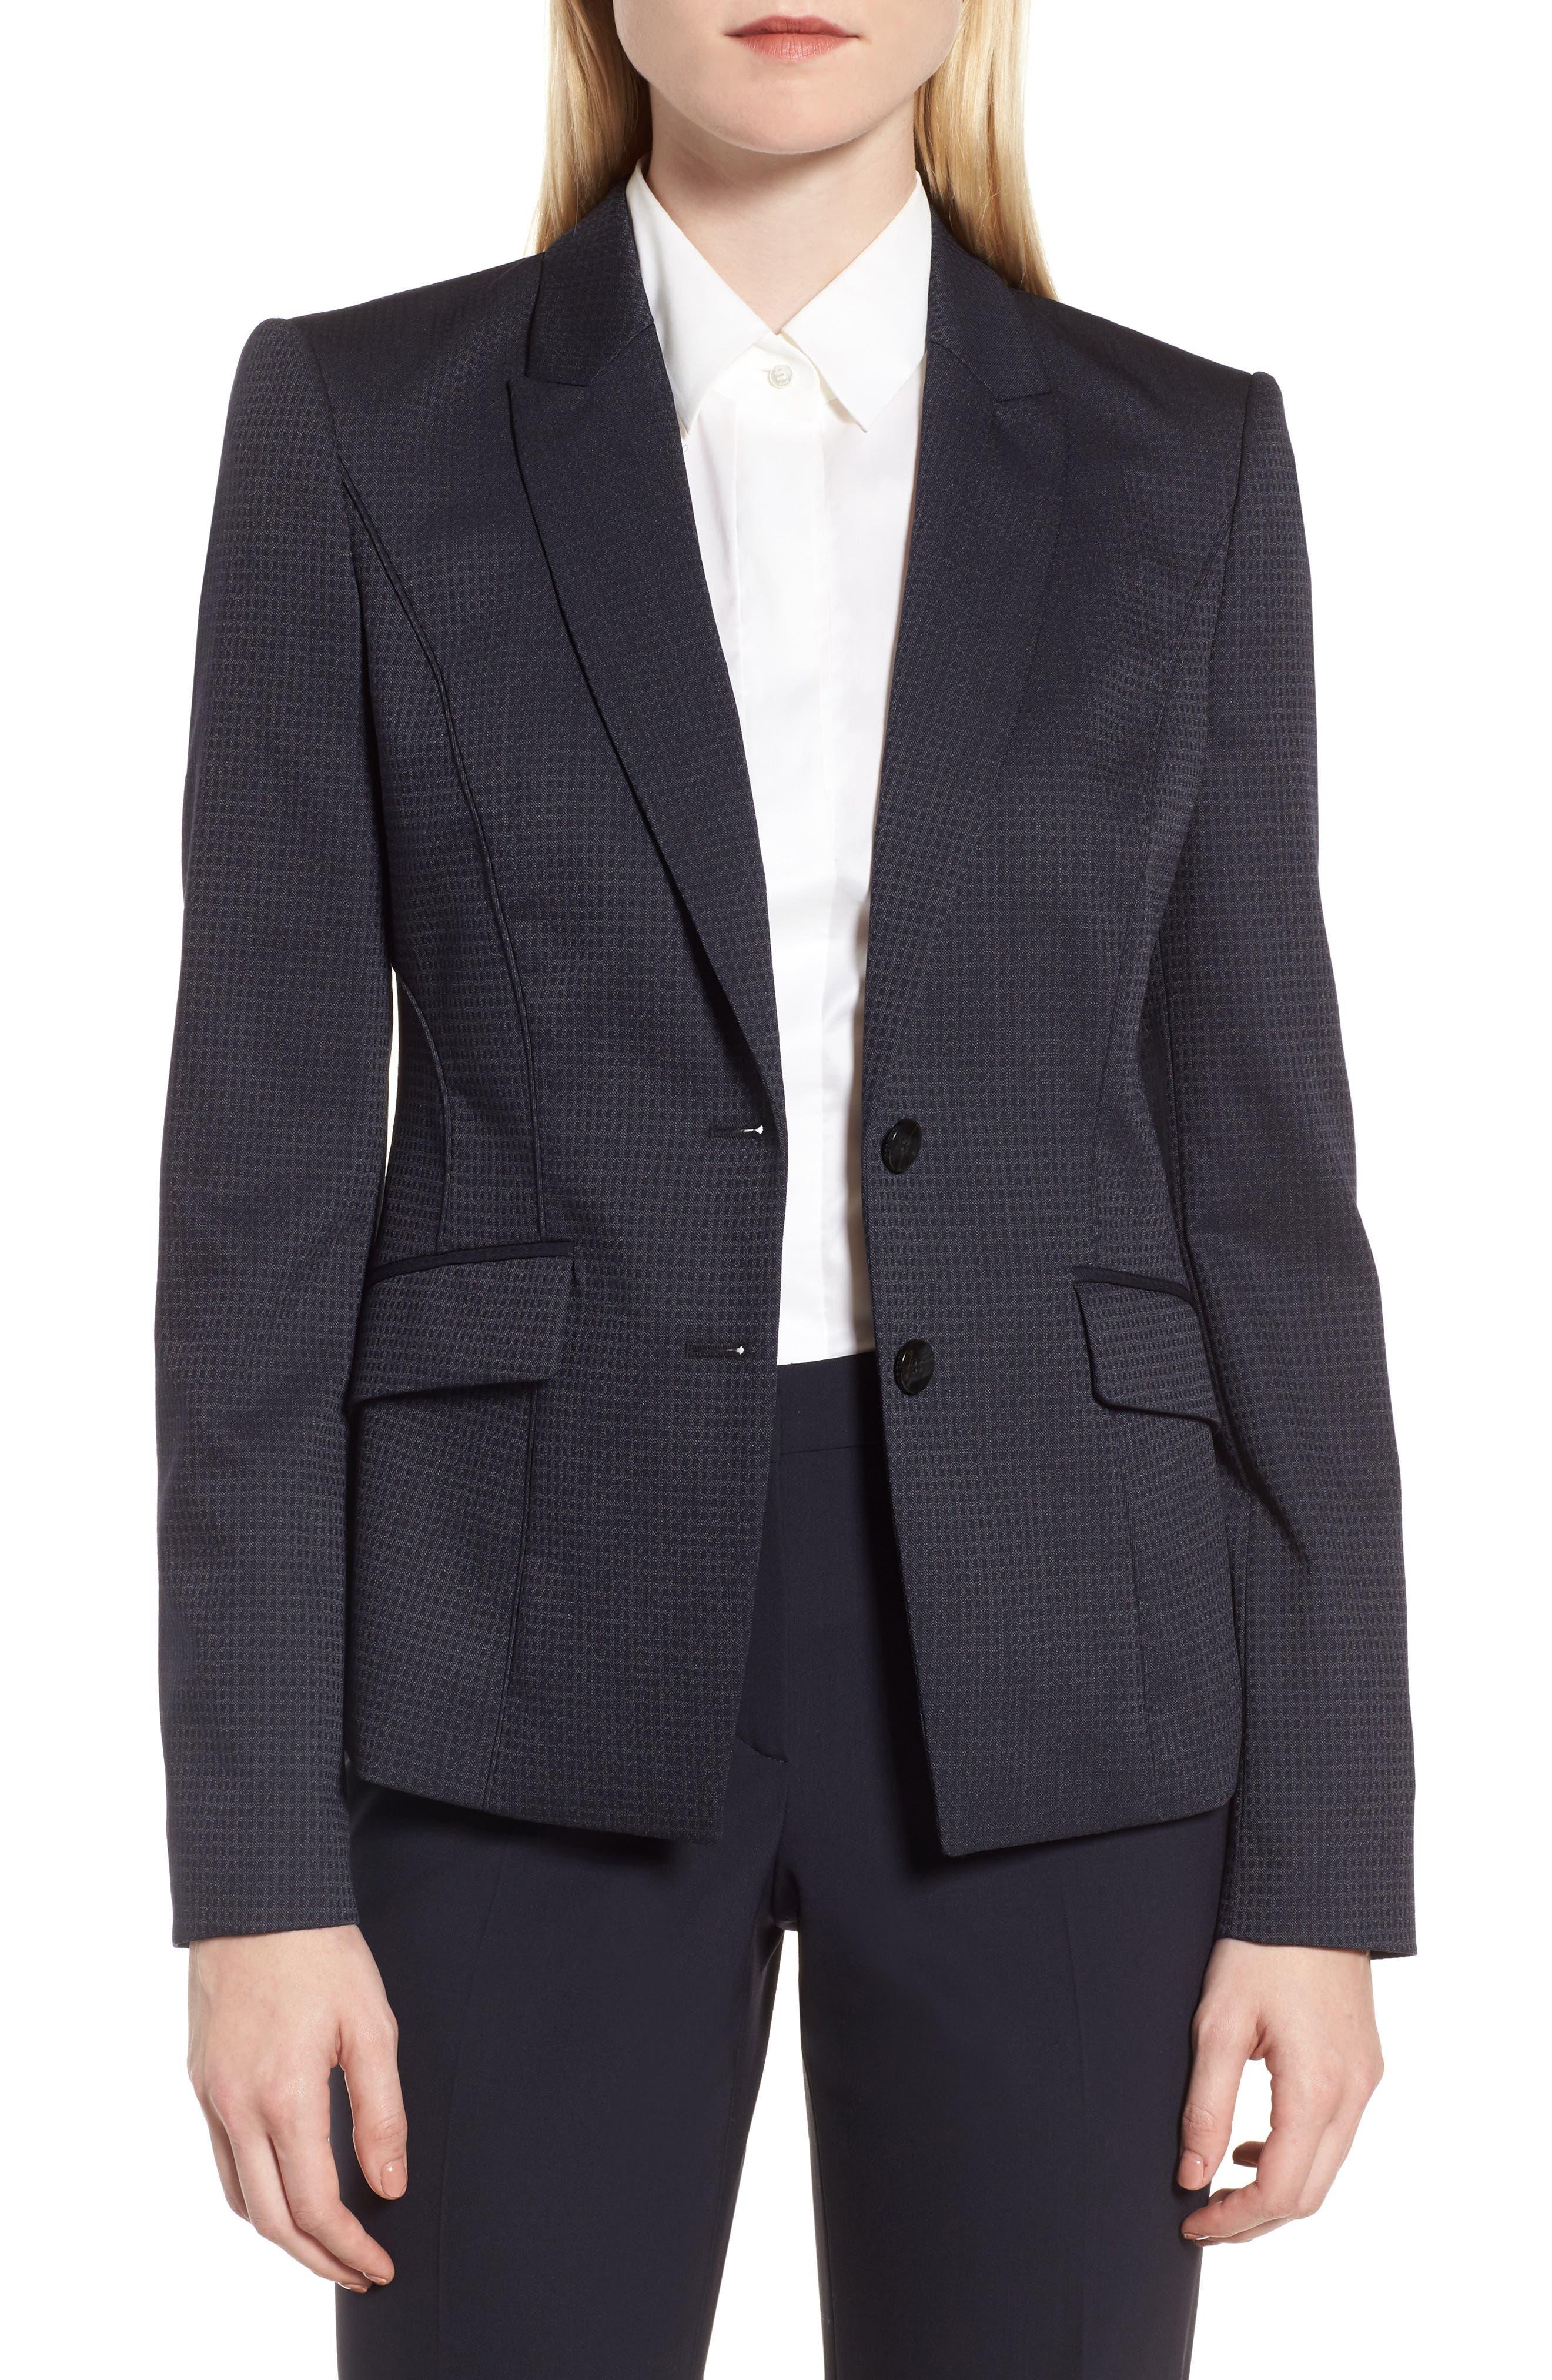 Main Image - BOSS Jukani Check Wool Blend Suit Jacket (Petite)